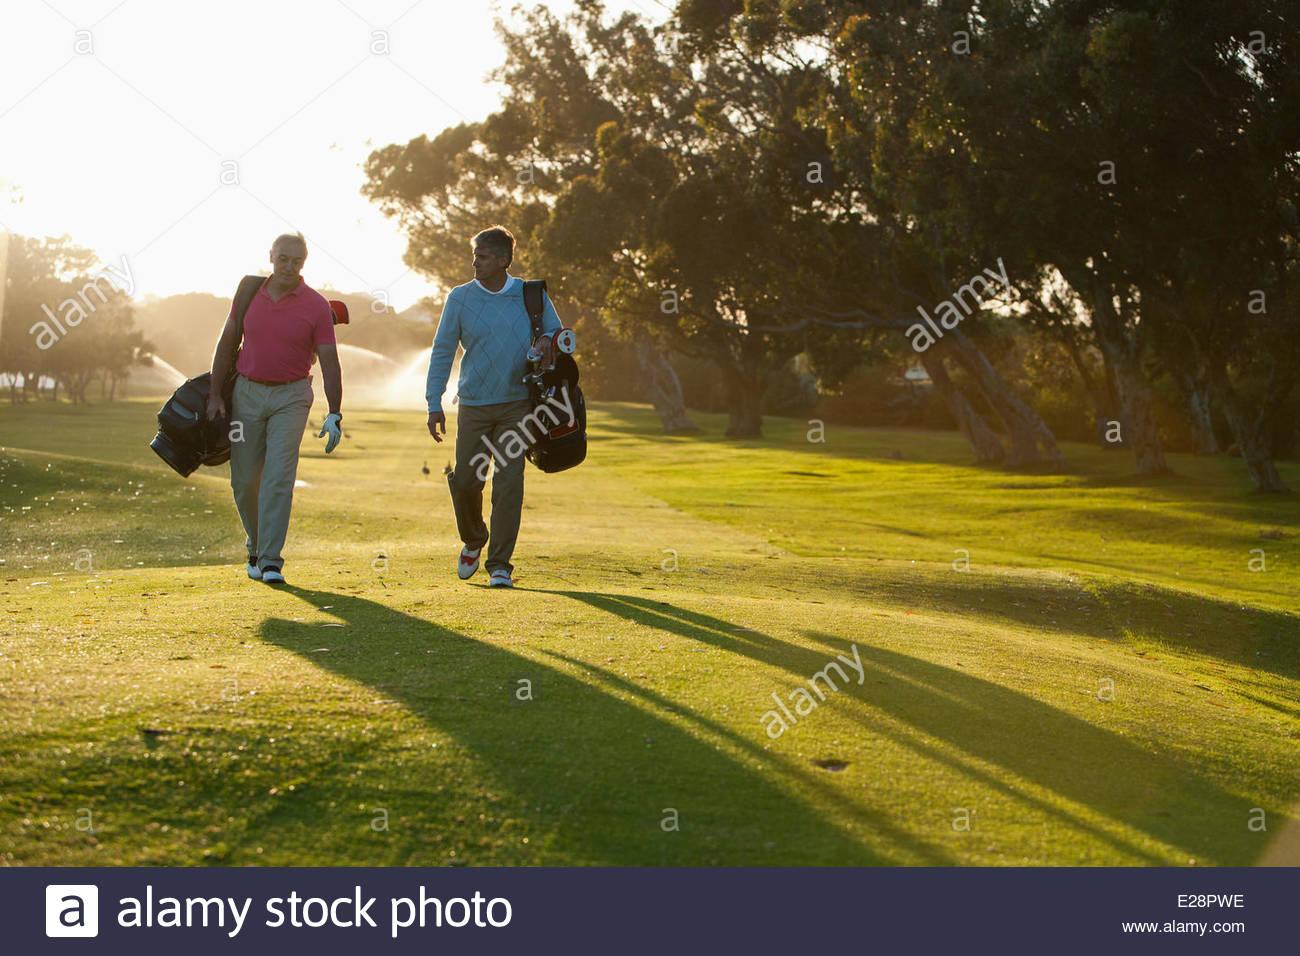 Homens transportando sacos de golfe no campo de golfe Imagens de Stock